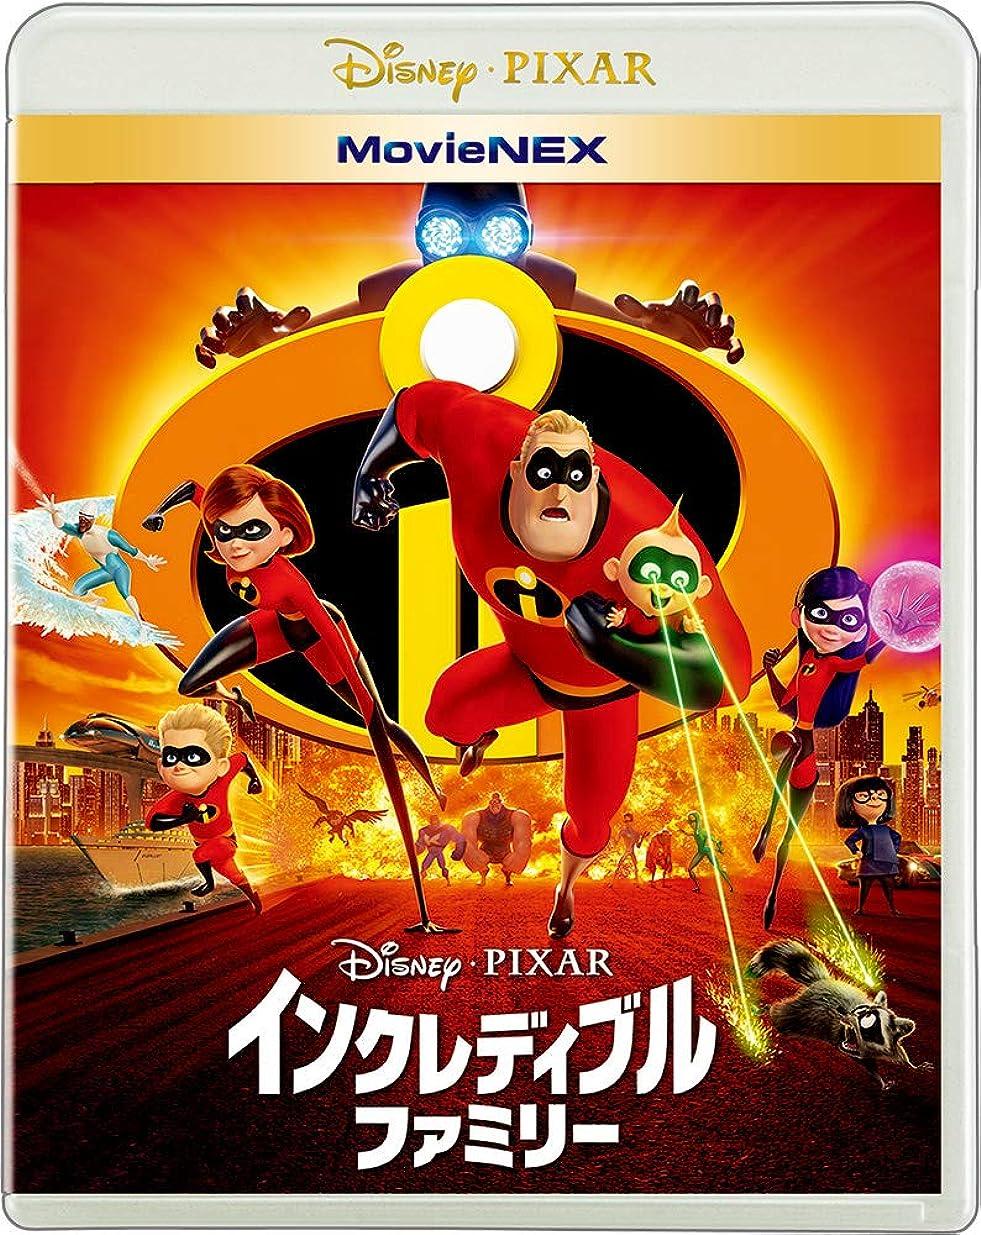 関数原理驚くべきビルド NEW WORLD 仮面ライダーグリス DXグリスパーフェクトキングダム版(初回生産限定) [Blu-ray]